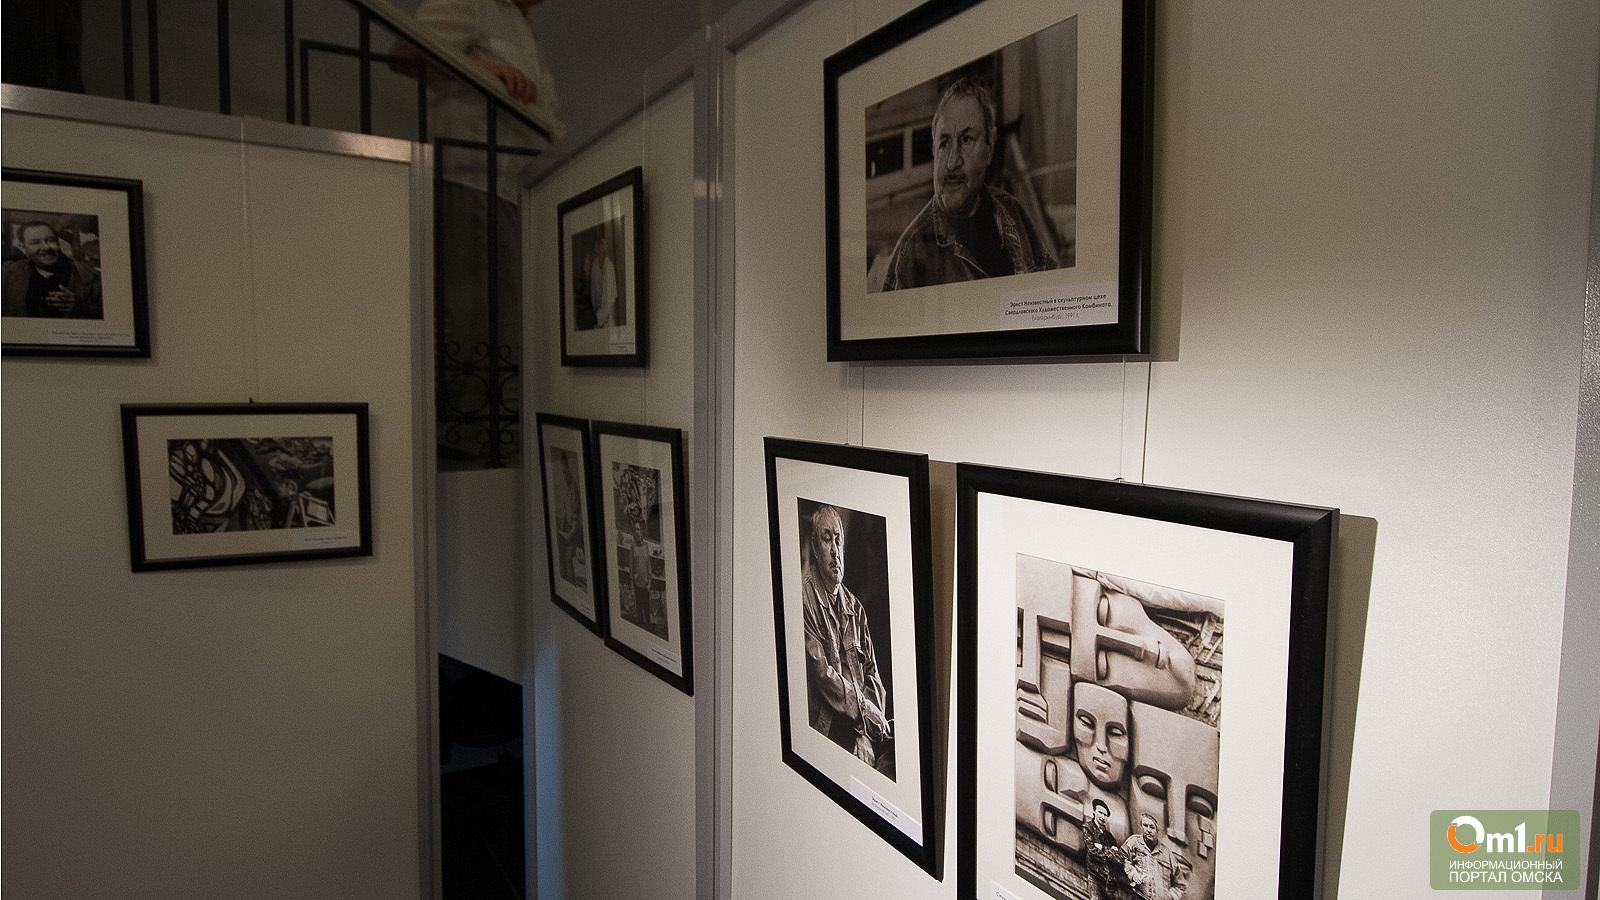 ВВоронеже пройдет первая посмертная выставка Эрнста Неизвестного